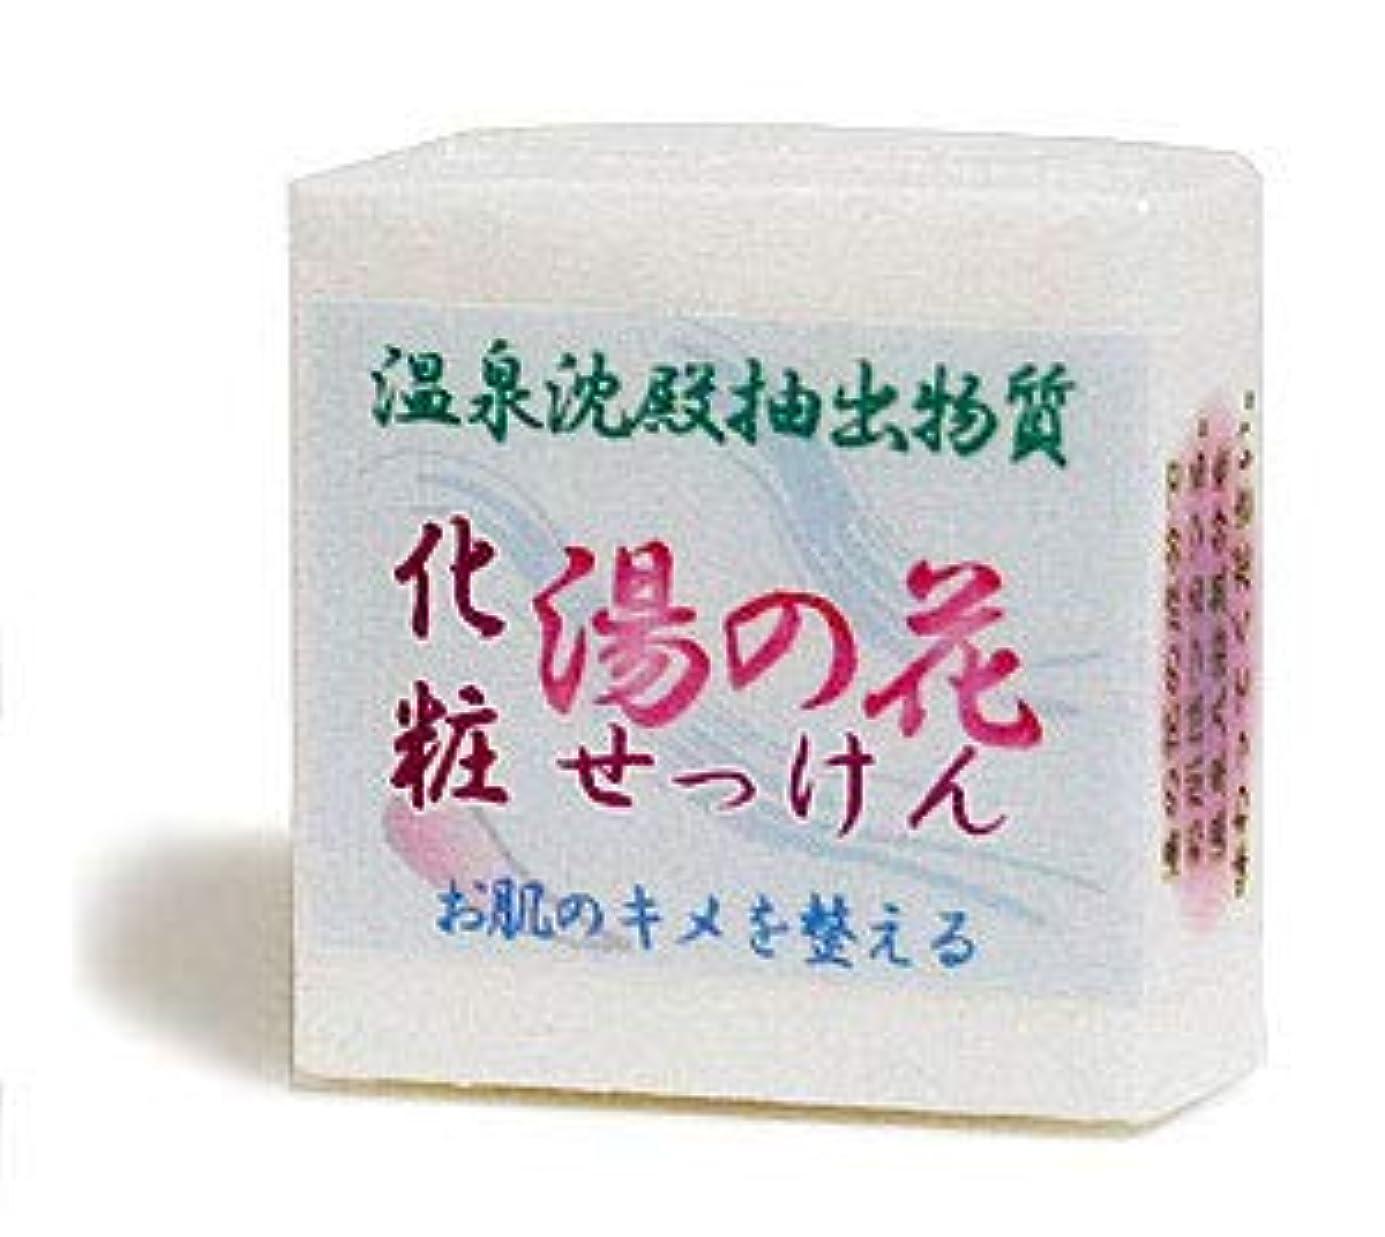 フリースワークショップゴム湯の花化粧石鹸 ハーフサイズ